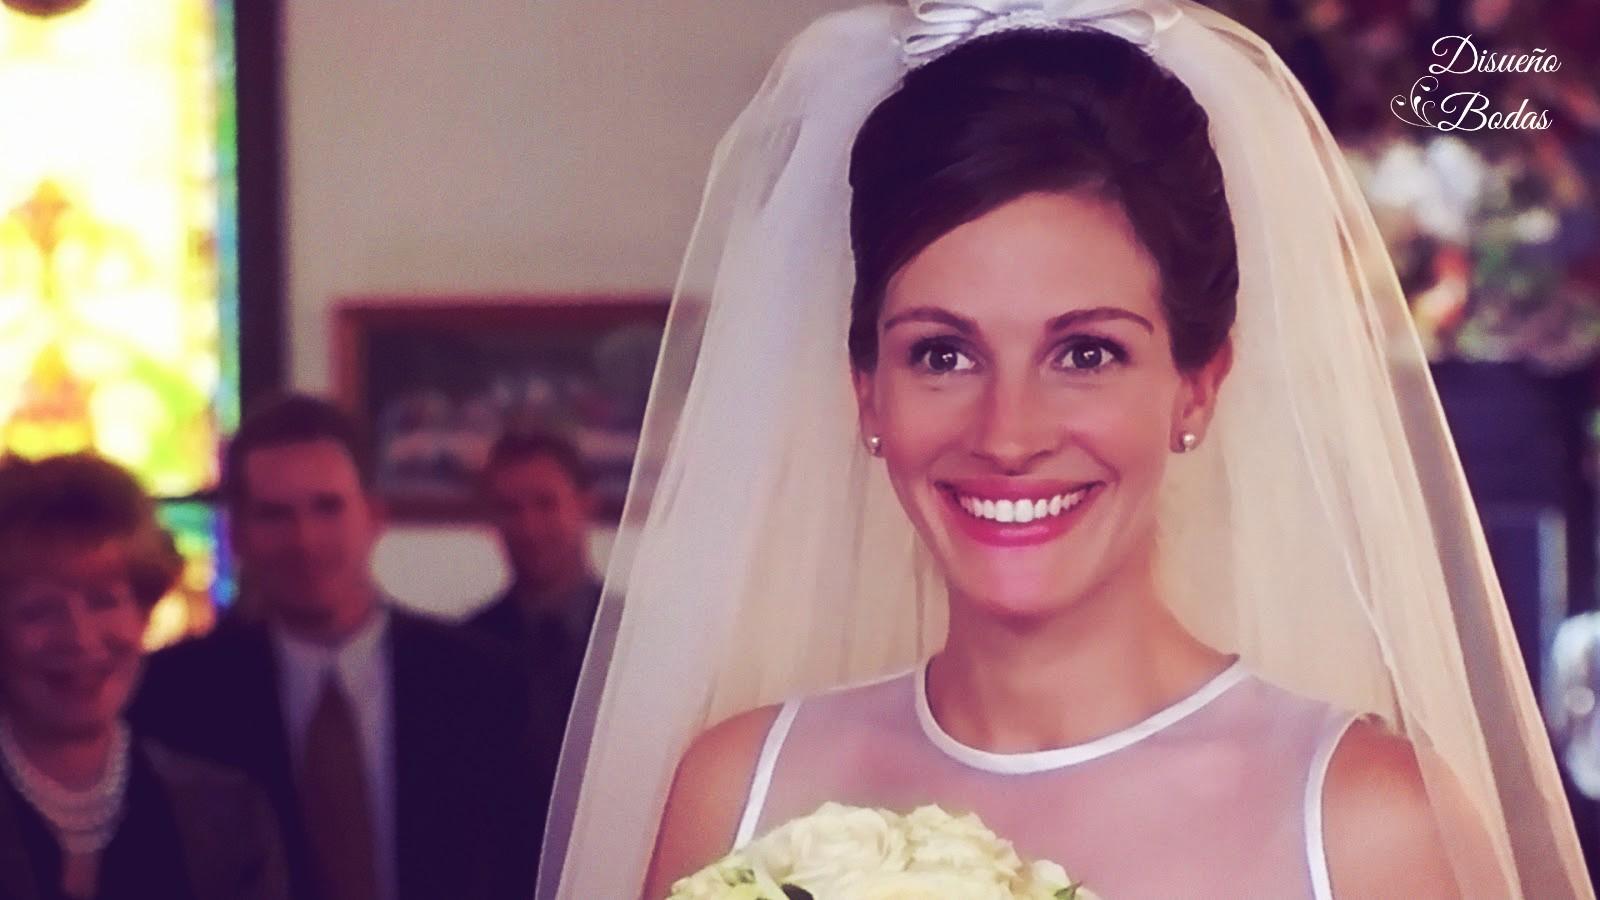 Qué hay detrás del bouquet de novias? | Disueño Bodas